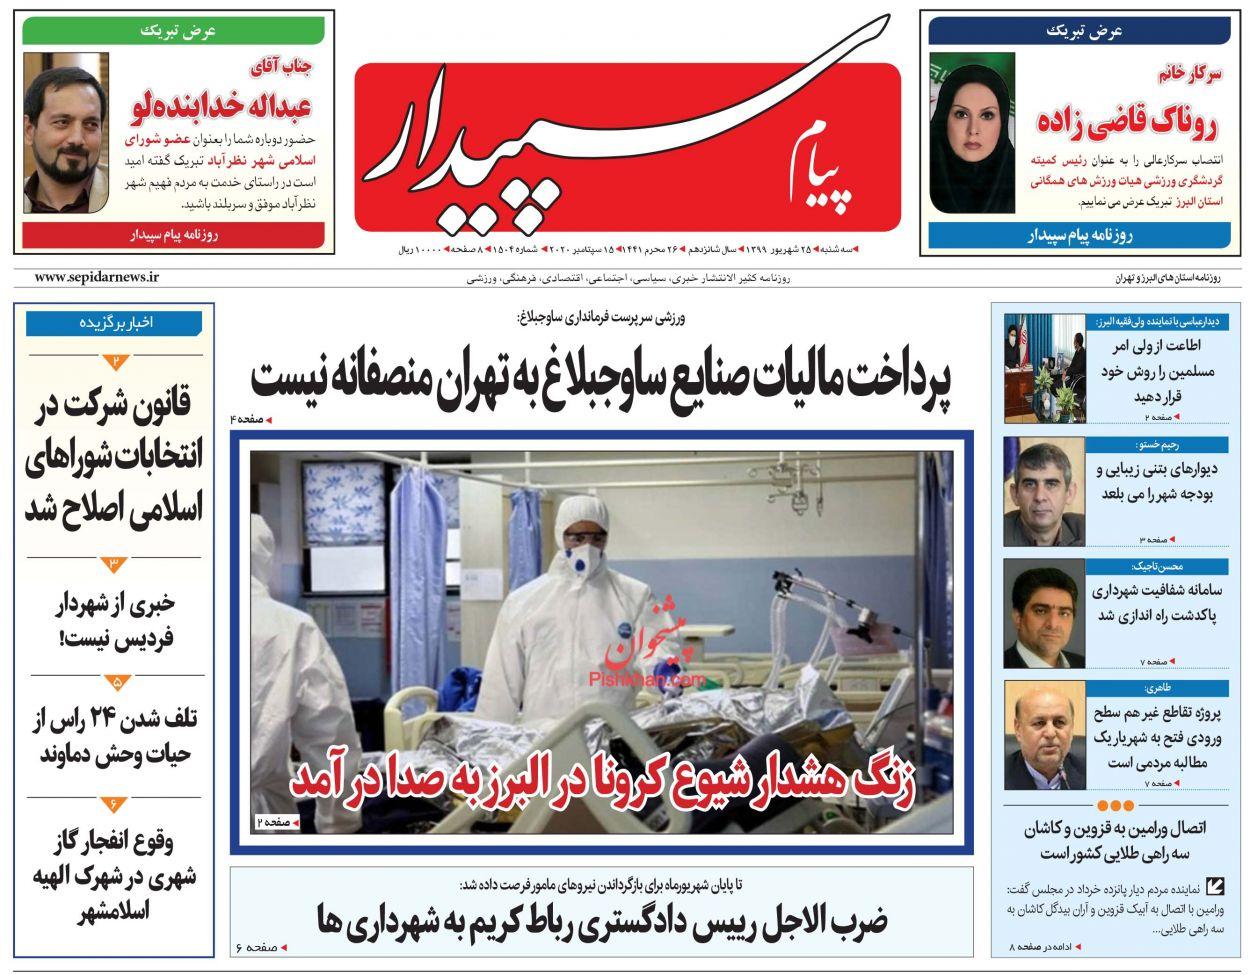 عناوین اخبار روزنامه پیام سپیدار در روز سهشنبه ۲۵ شهریور